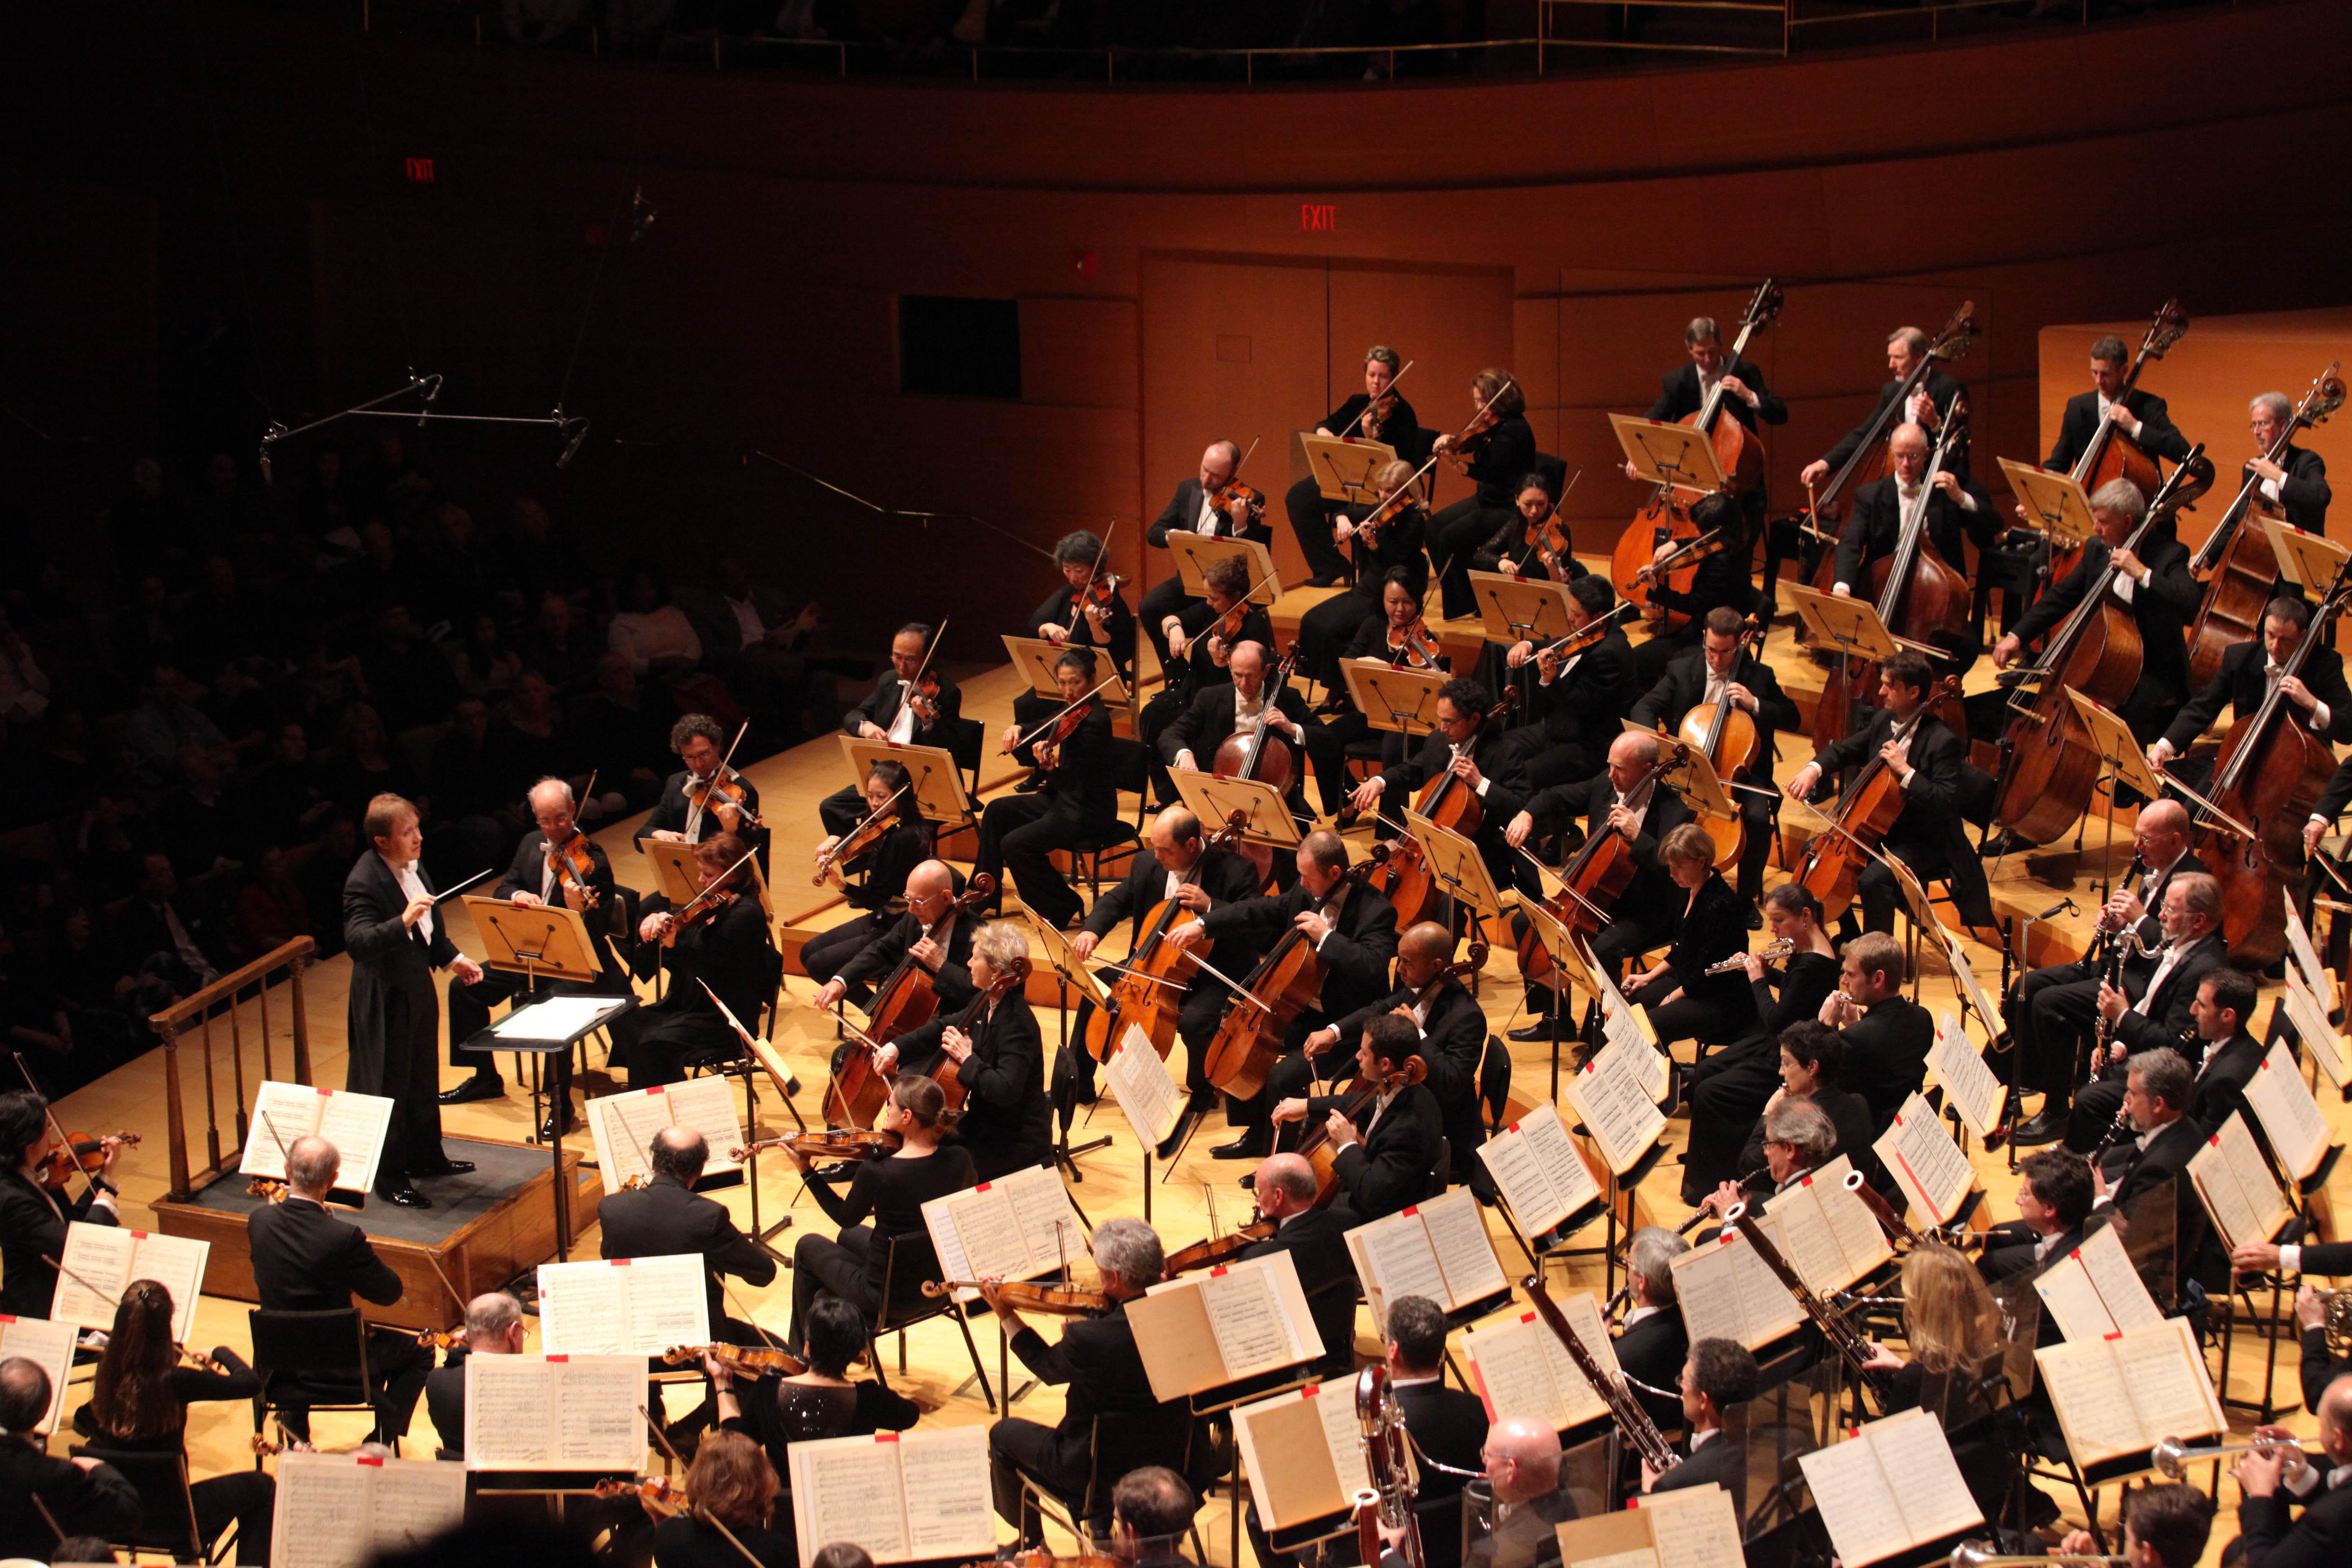 Orchestra Simfonică din Boston speră să atragă publicul tânăr datorită iPad-urilor